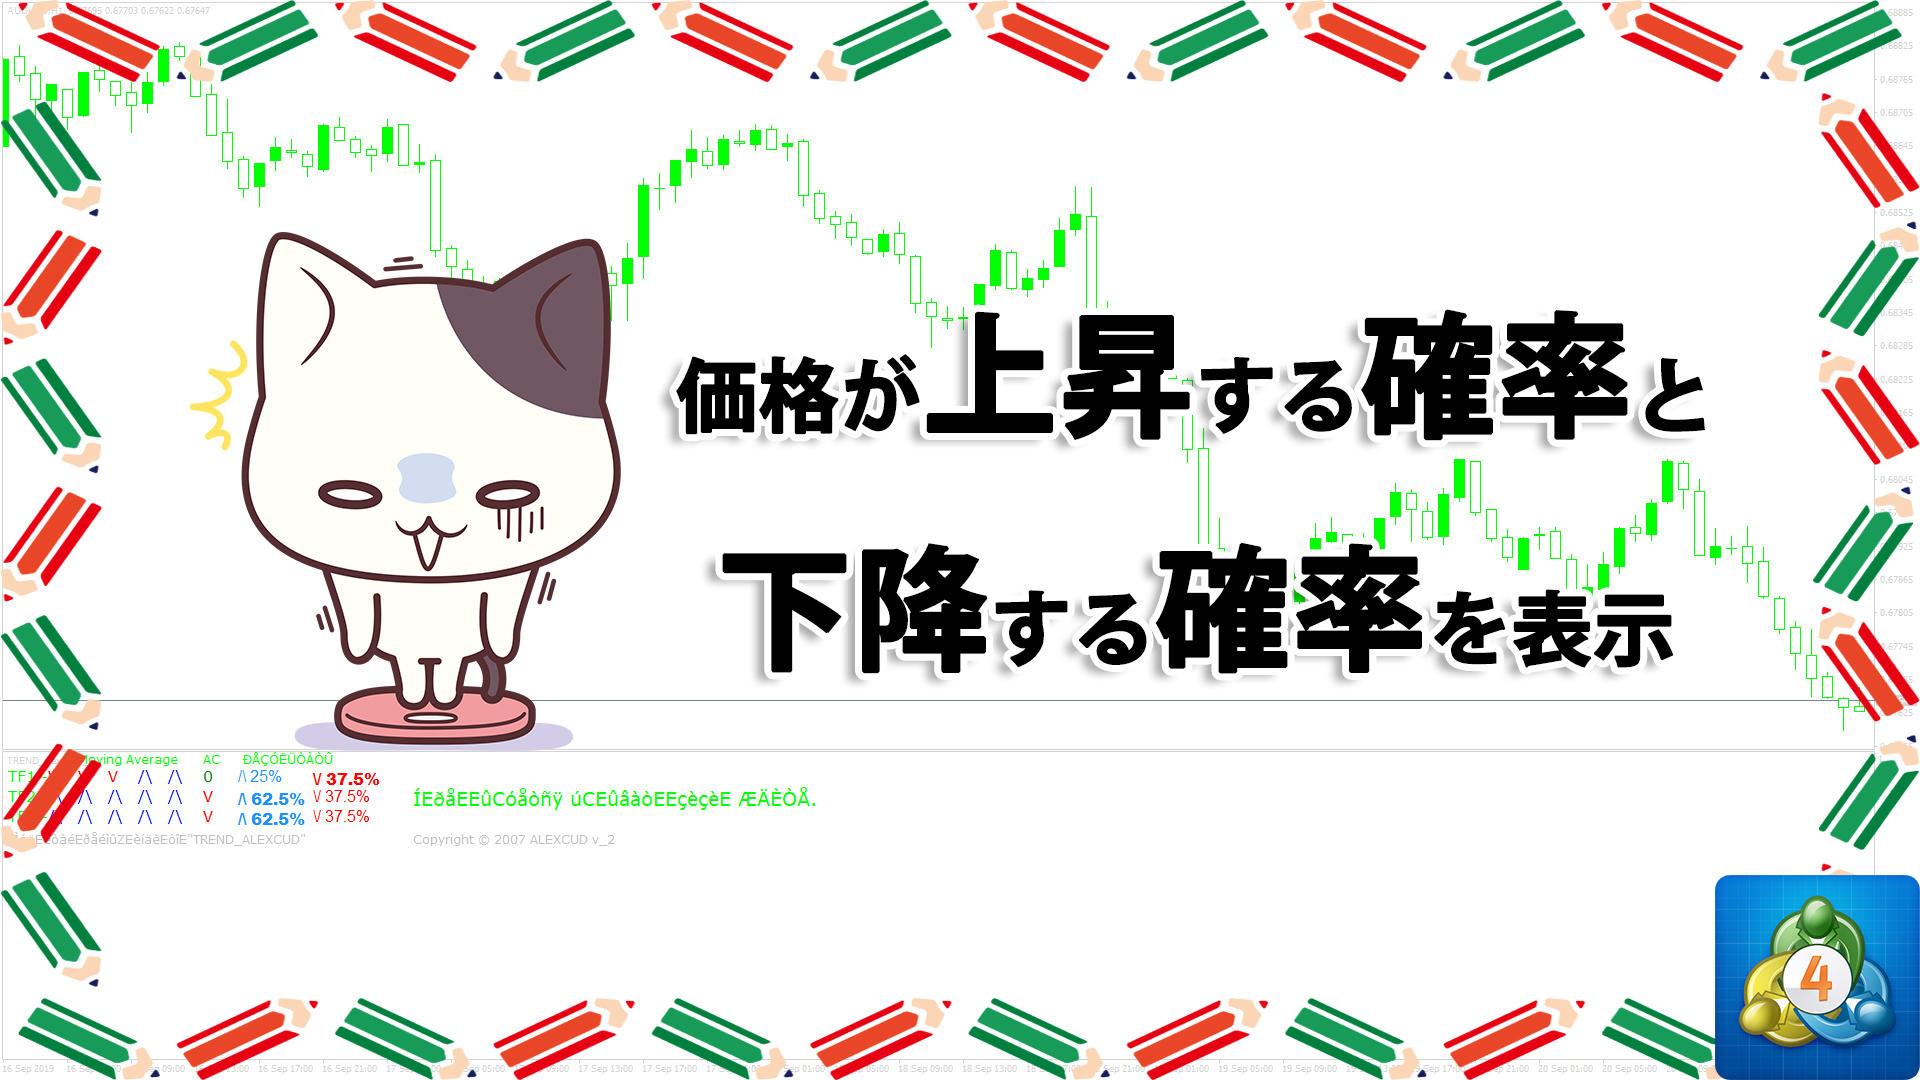 価格が上昇する確率と下降する確率を時間枠別に表示するMT4インジケーター「TREND_alexcud_v_2」